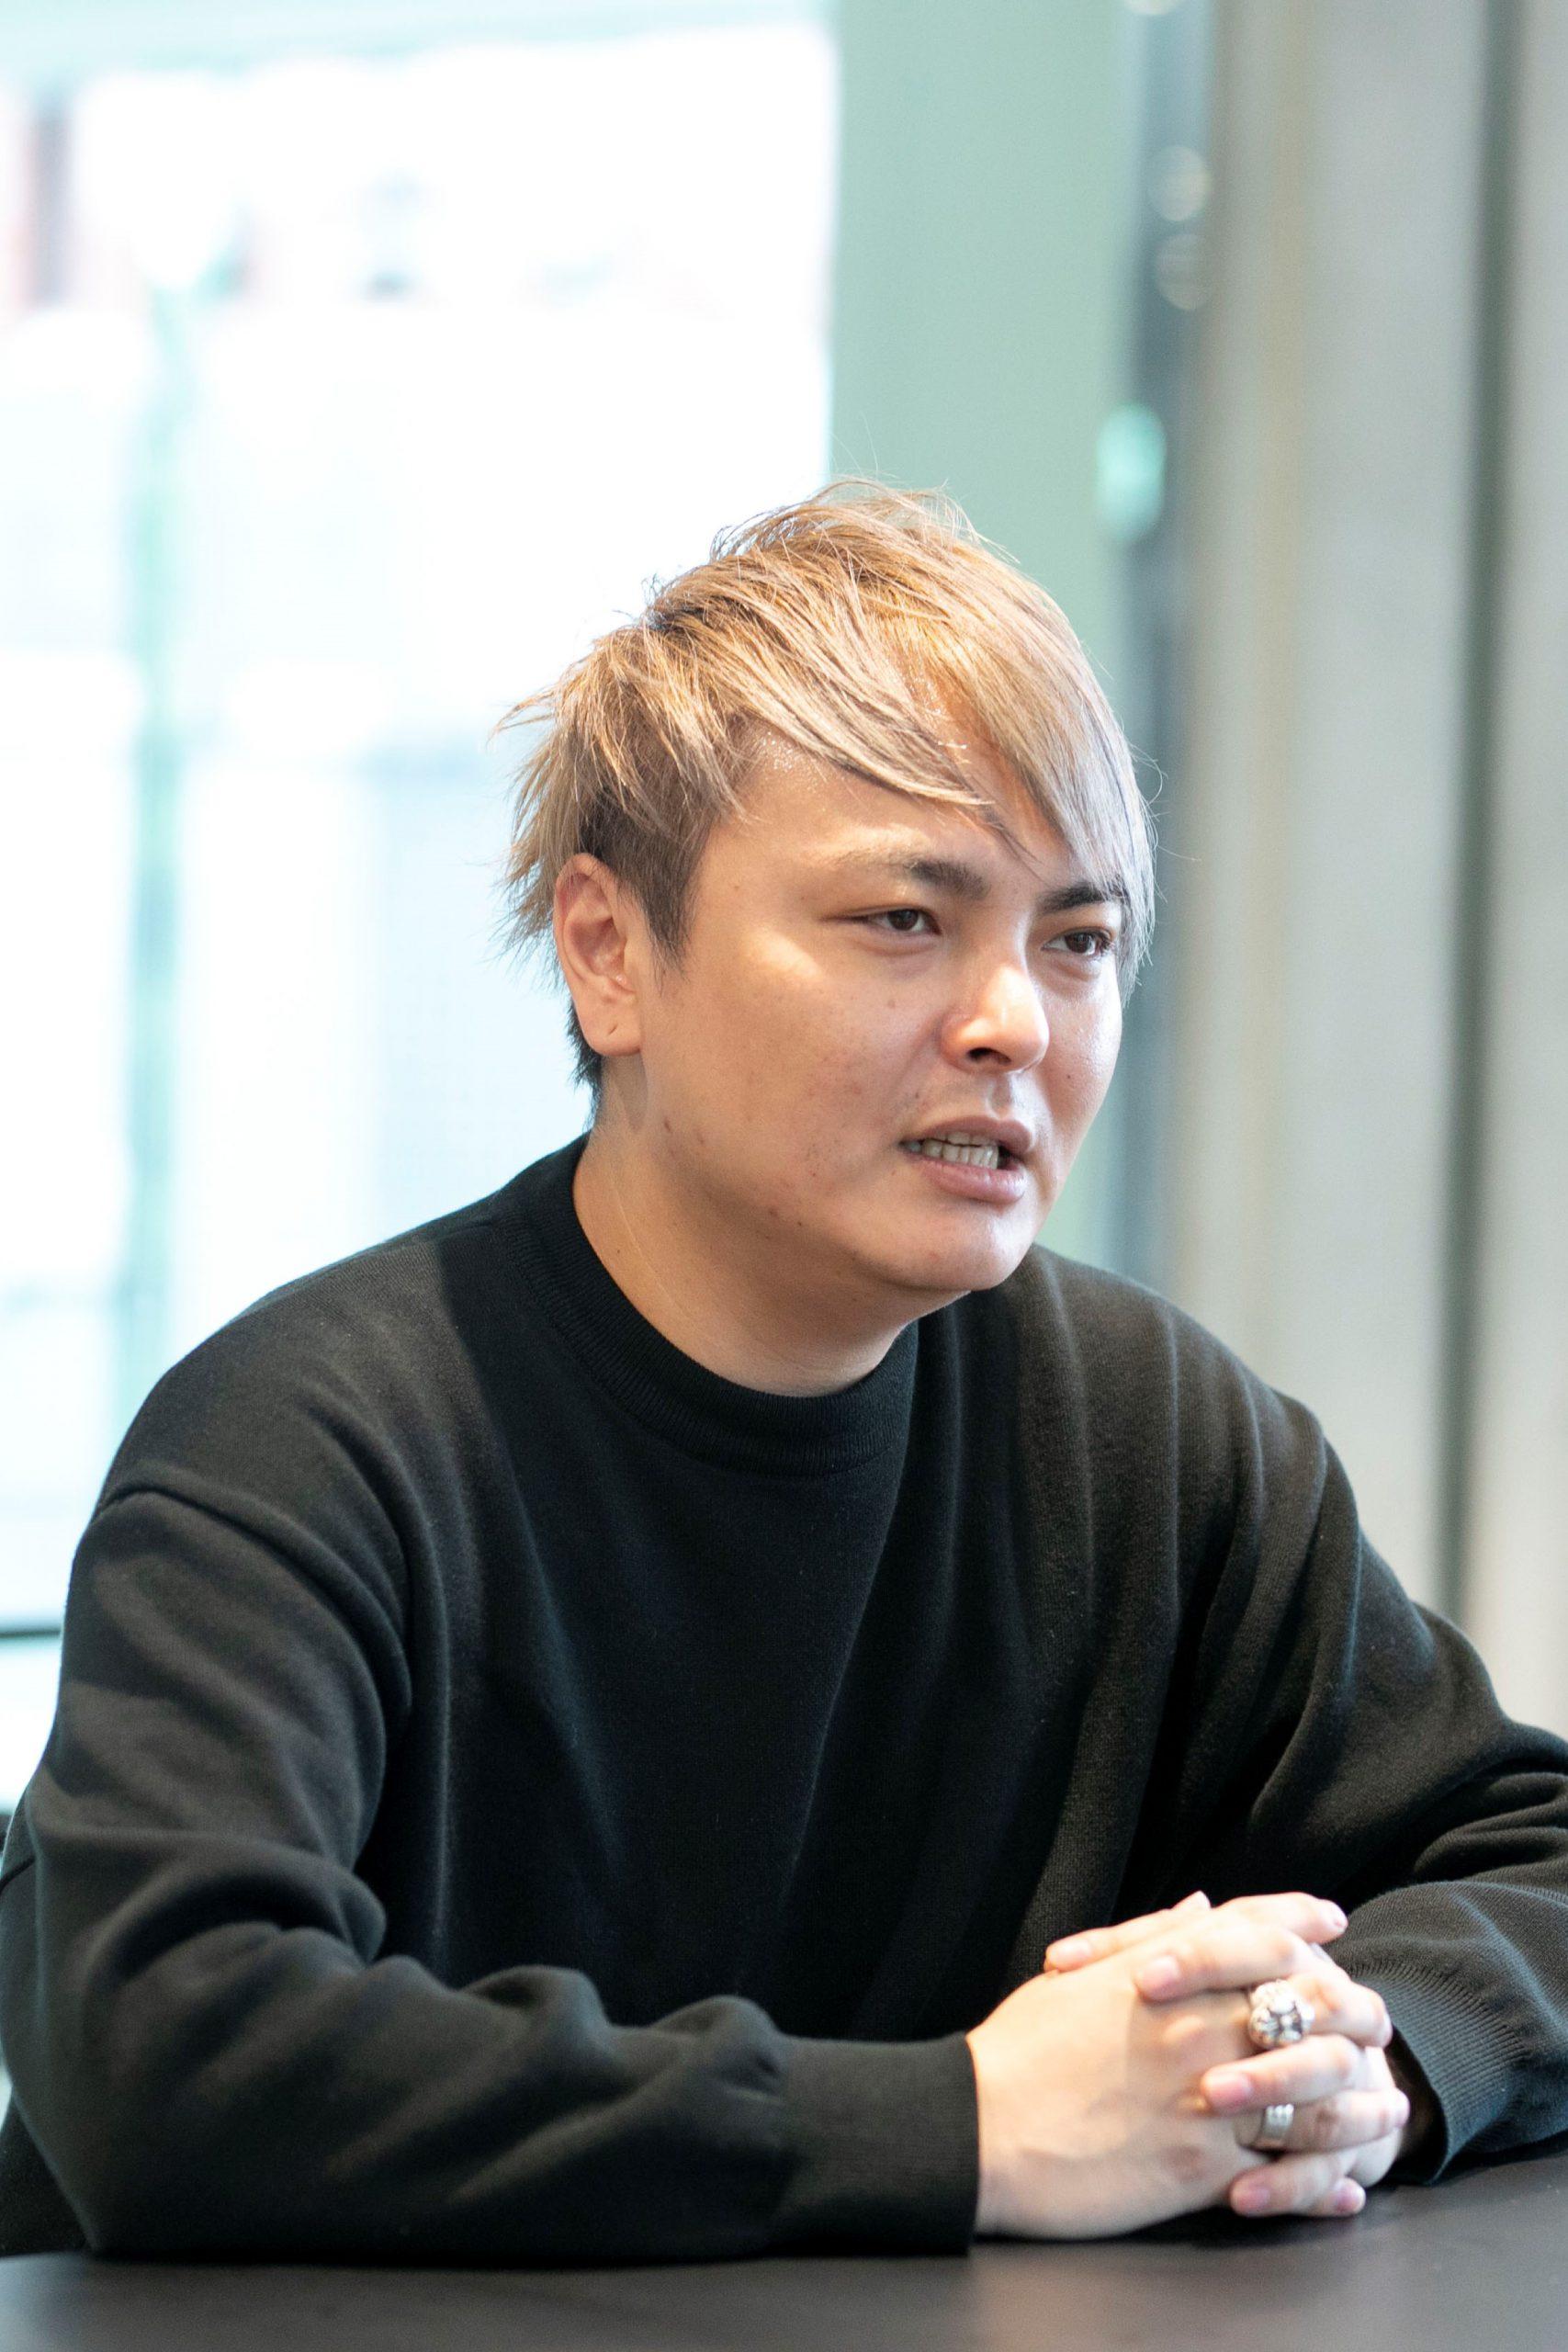 Yusuke Tate